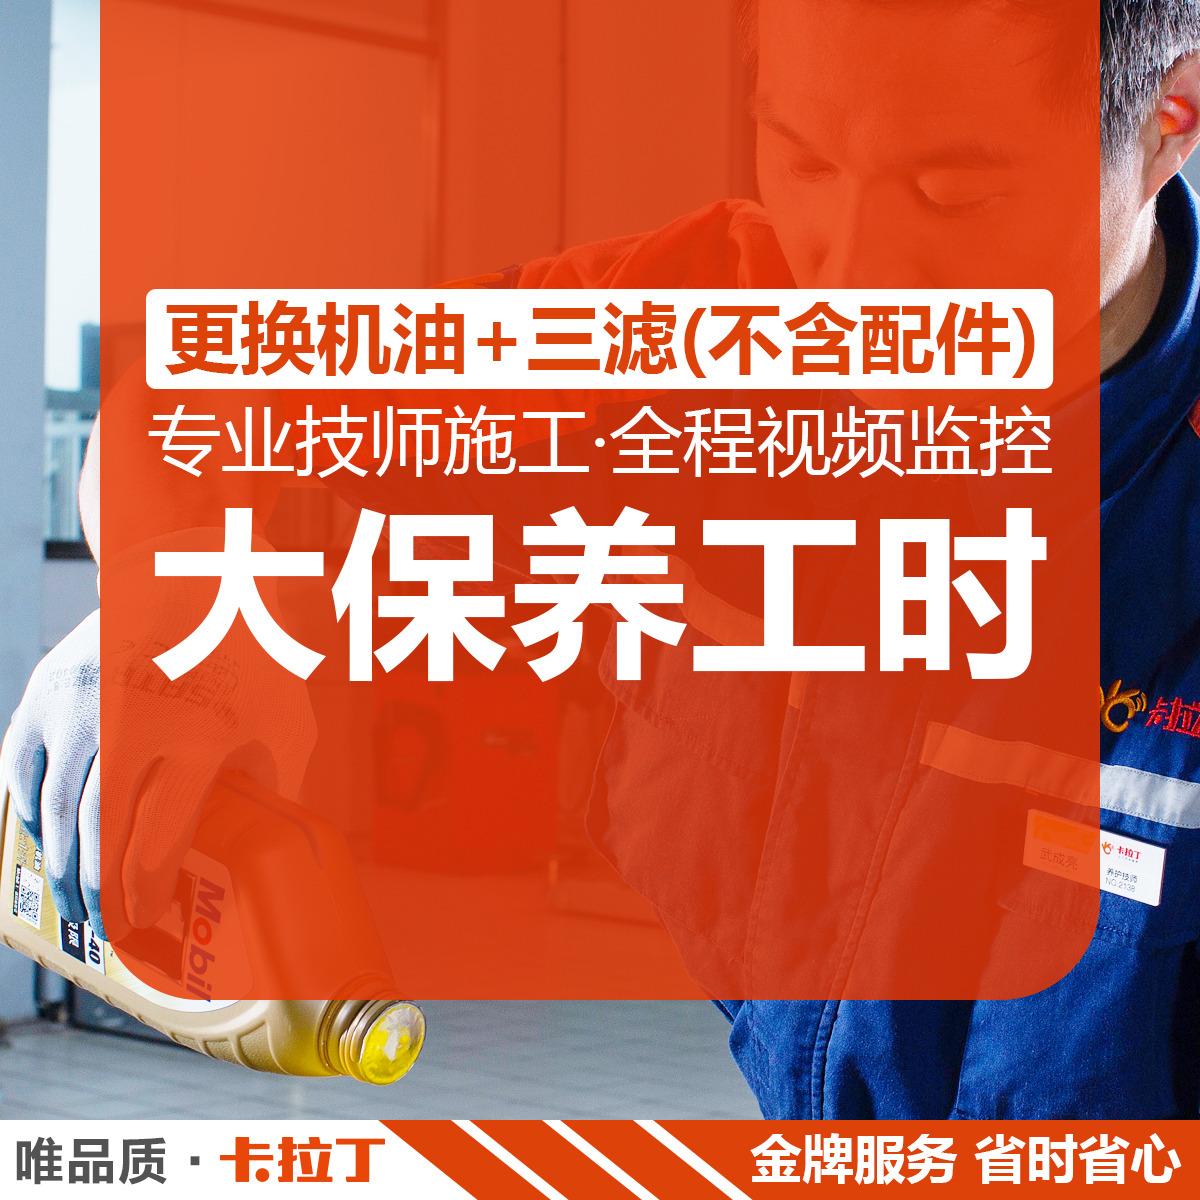 卡拉丁汽车上门保养服务更换机油机滤大小保养工时费(自备配件)